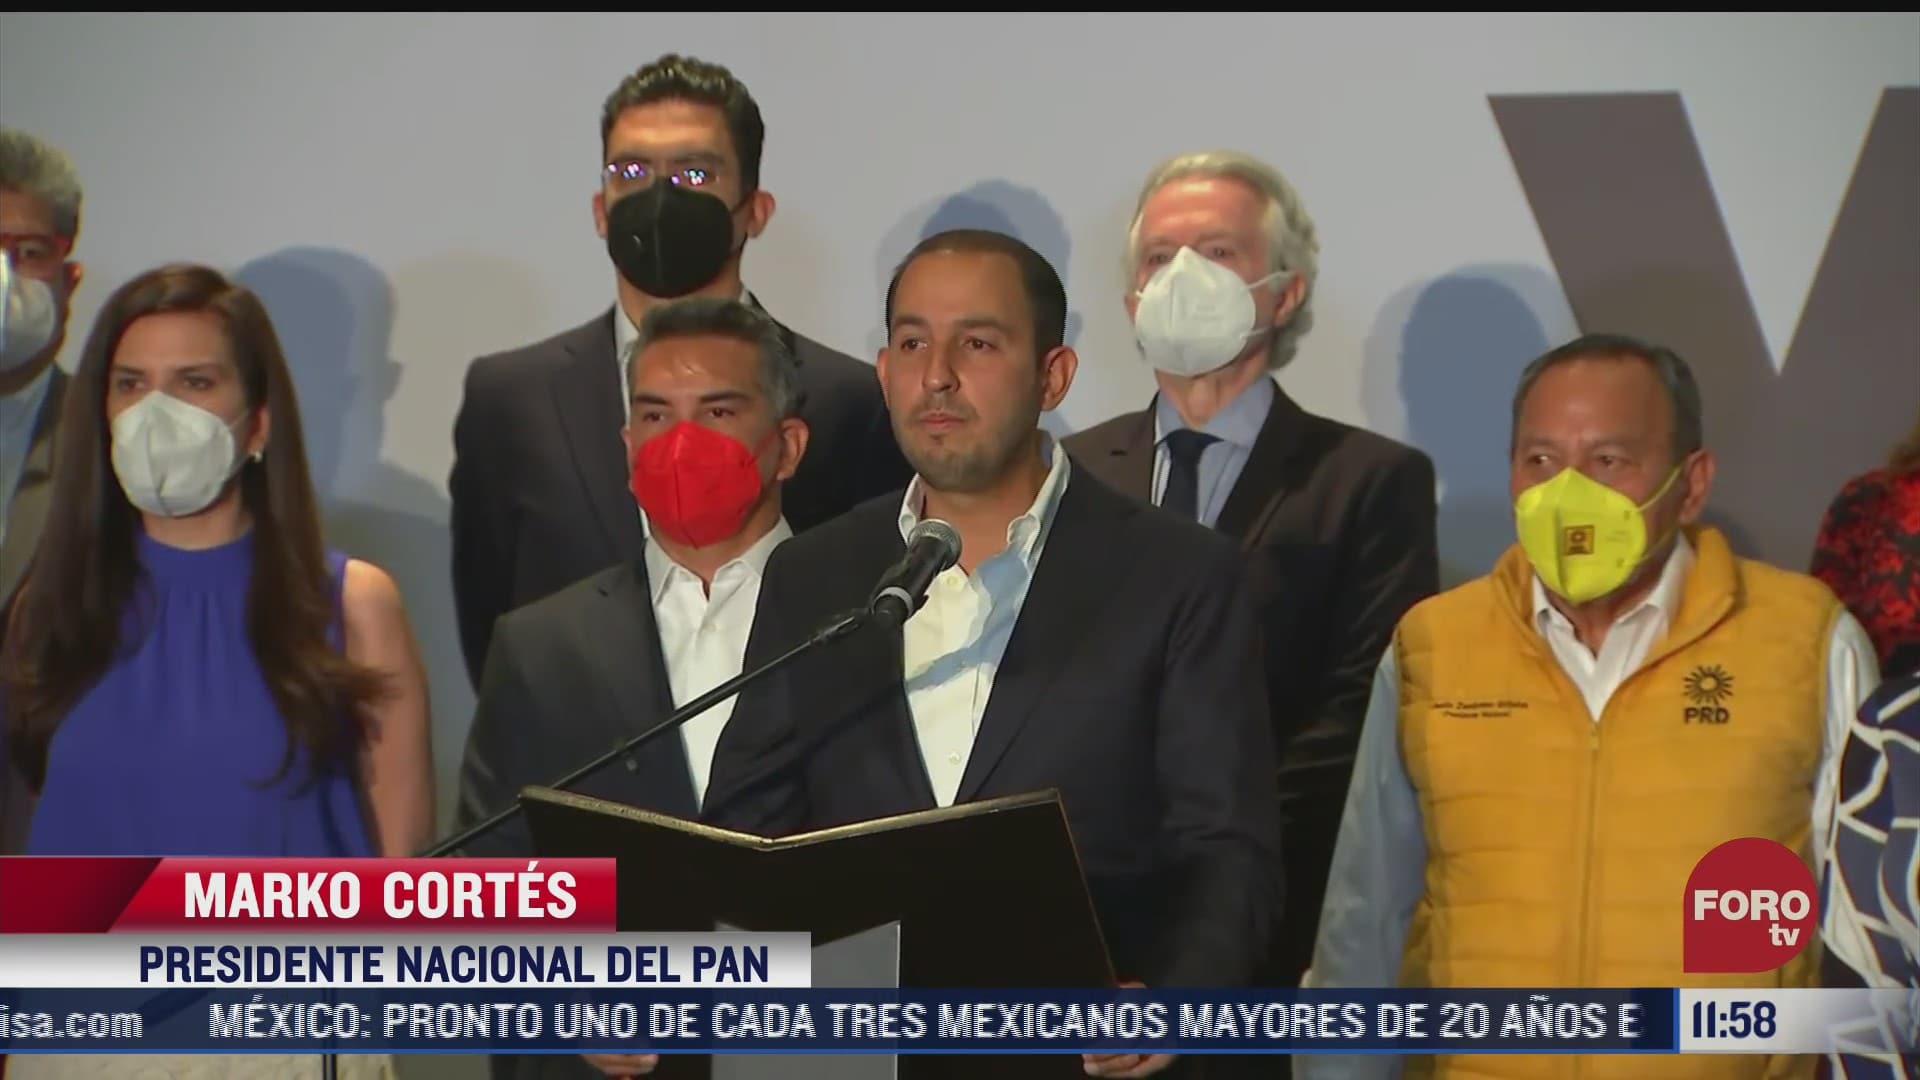 coalicion va por mexico agradece participacion de mexicanos en elecciones